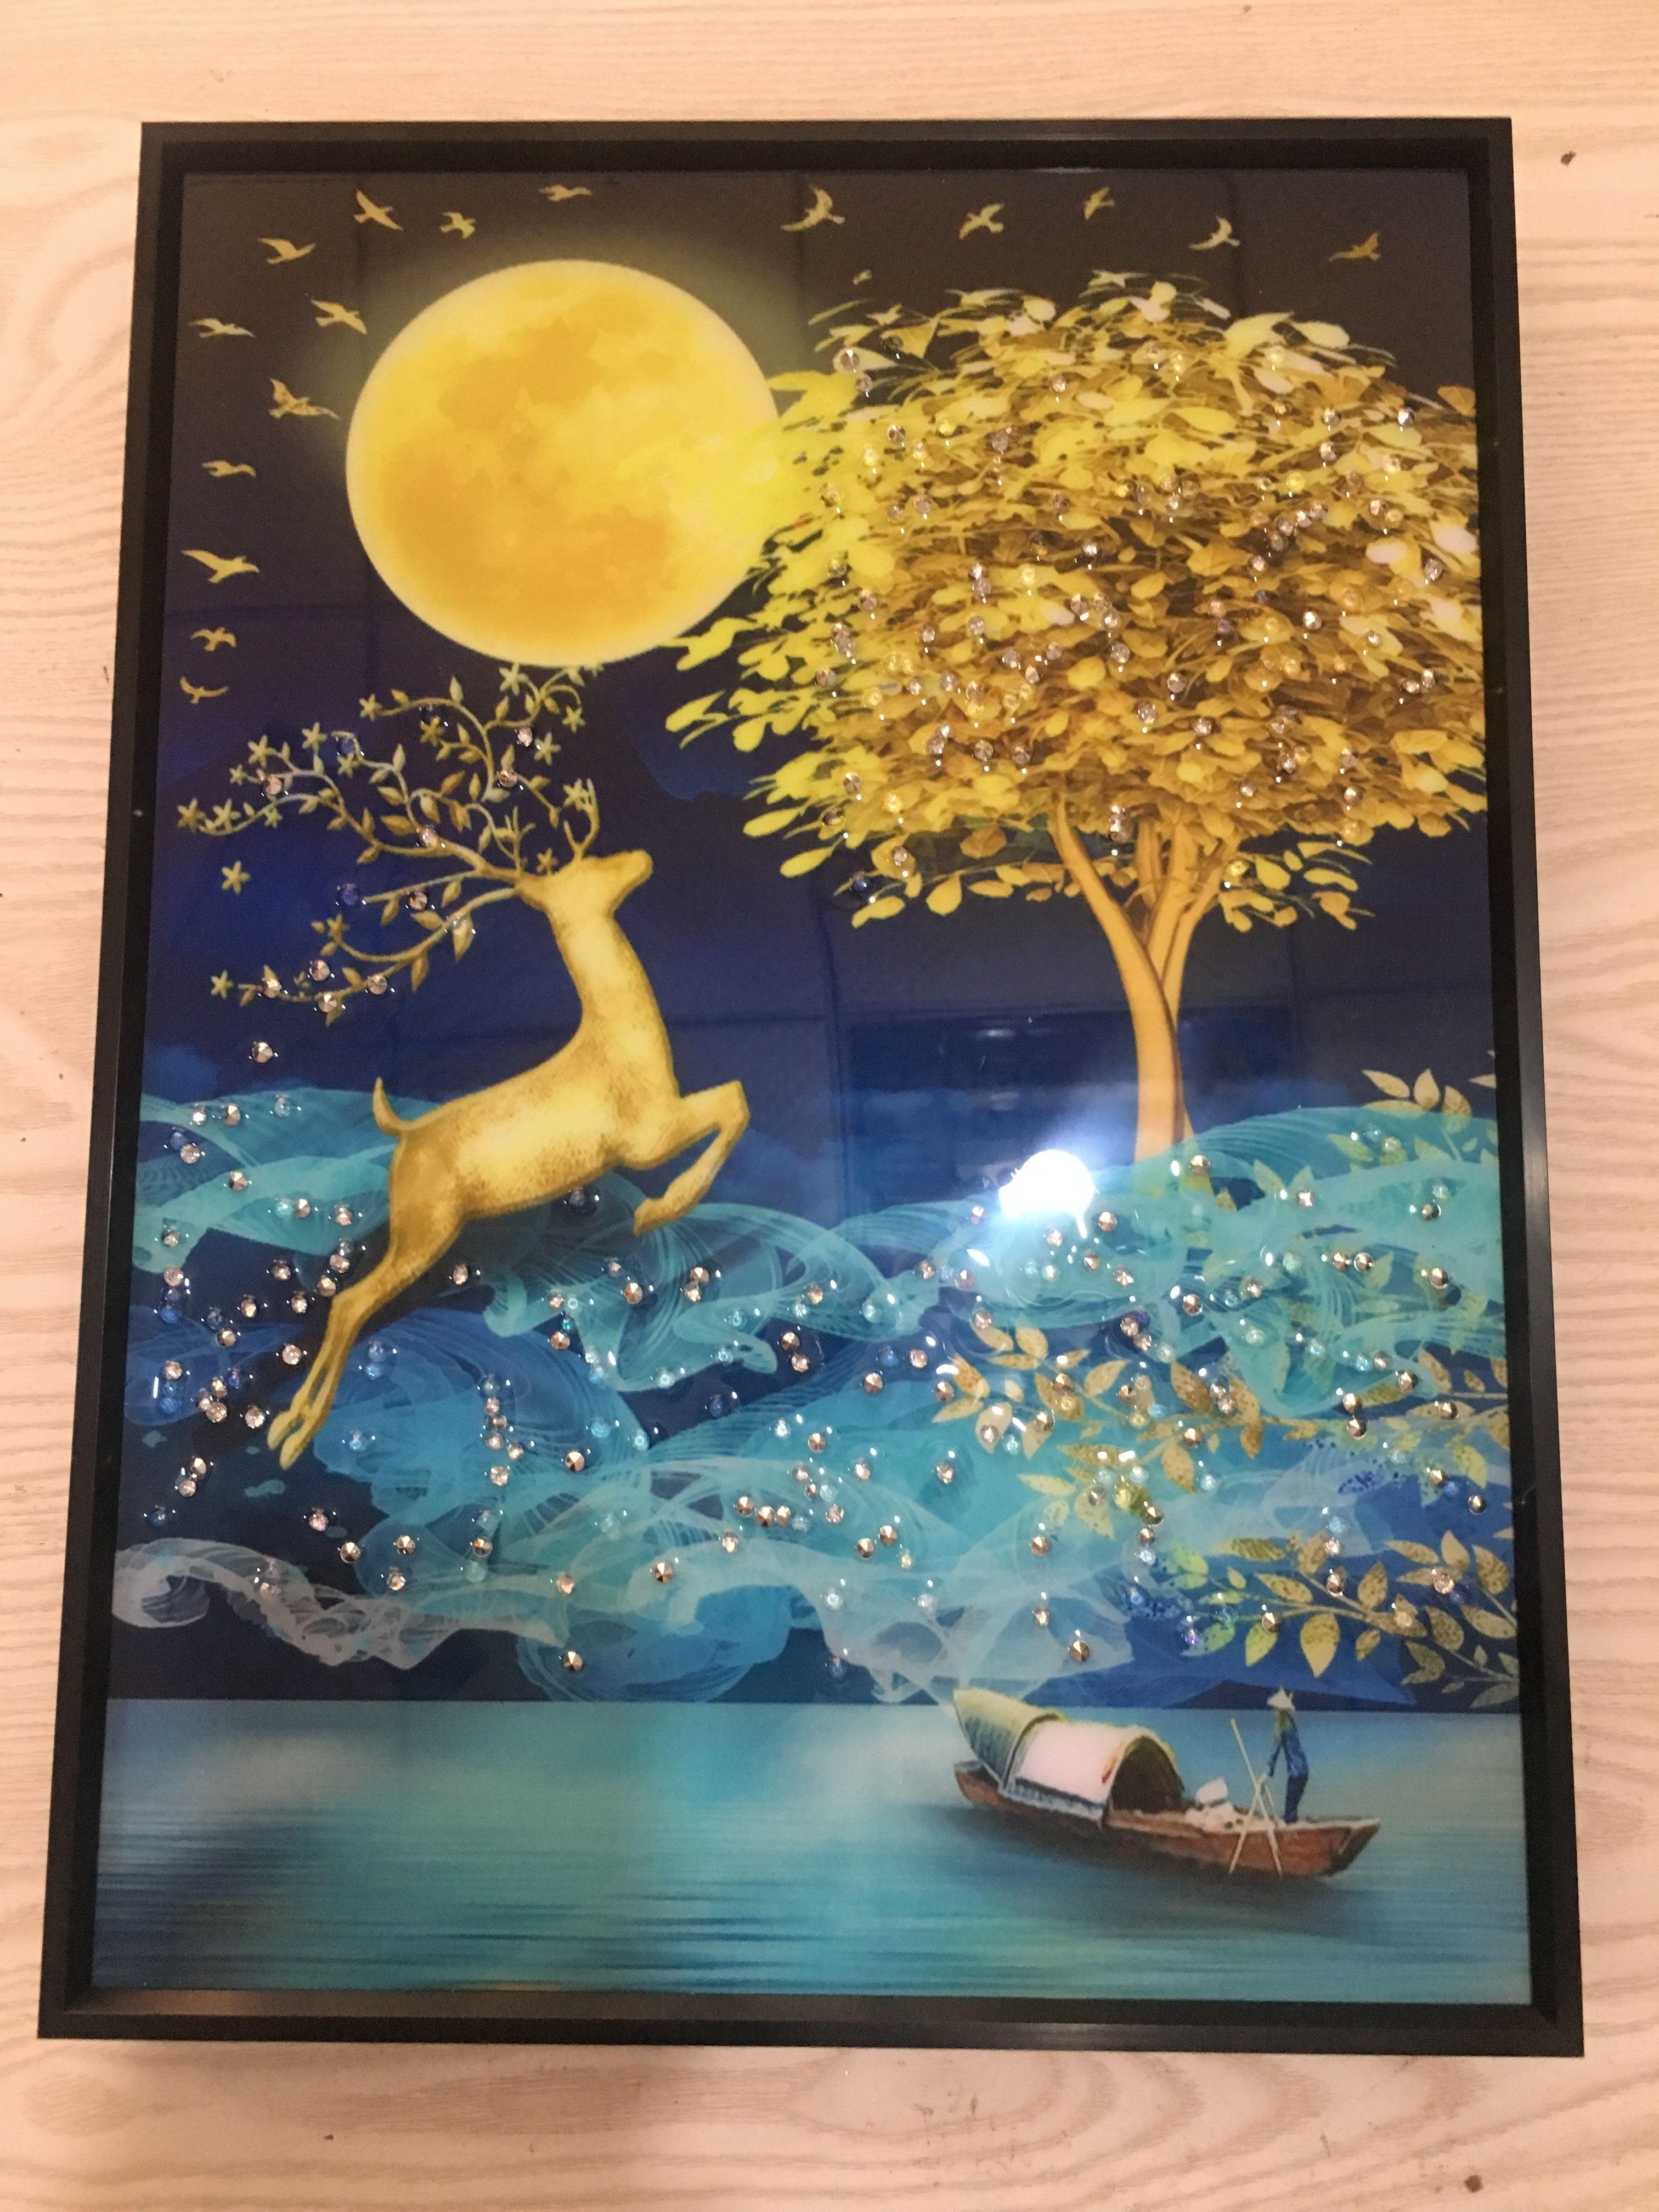 Saf el mozaik karo baskı ev dekorasyon için çerçeveli tuval ile geyik ağacı kaybetti (